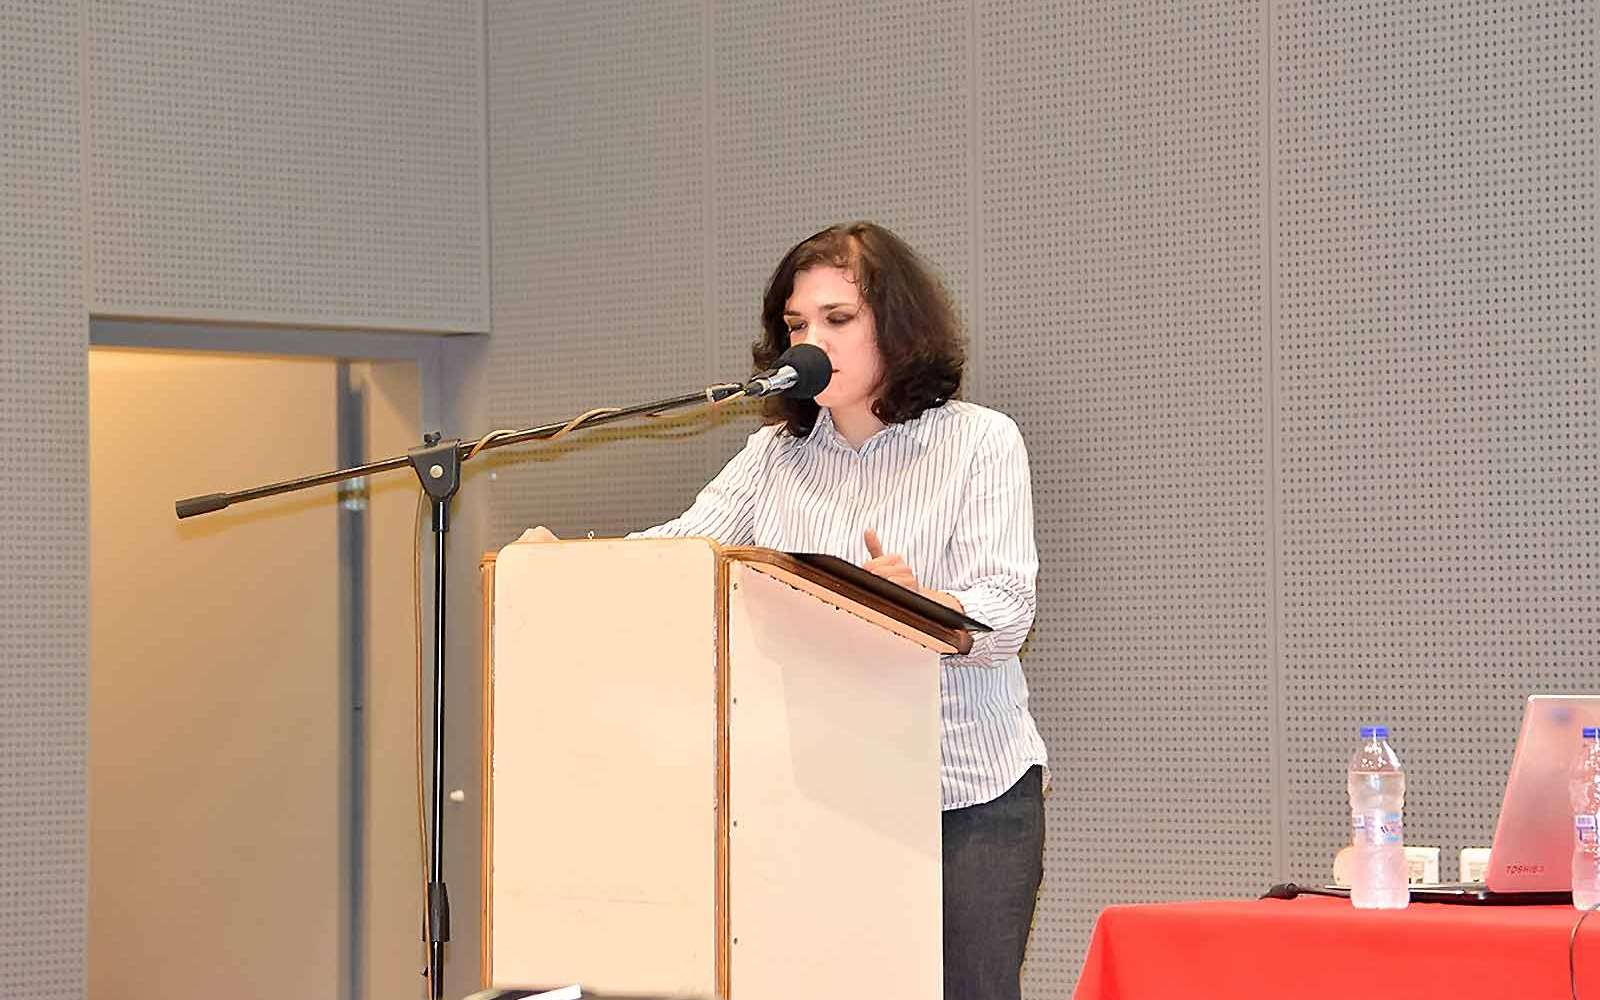 κα-Παναγιώτα-Μακρυσοπούλου-εκπαιδευτικός-και-εγκληματολόγος